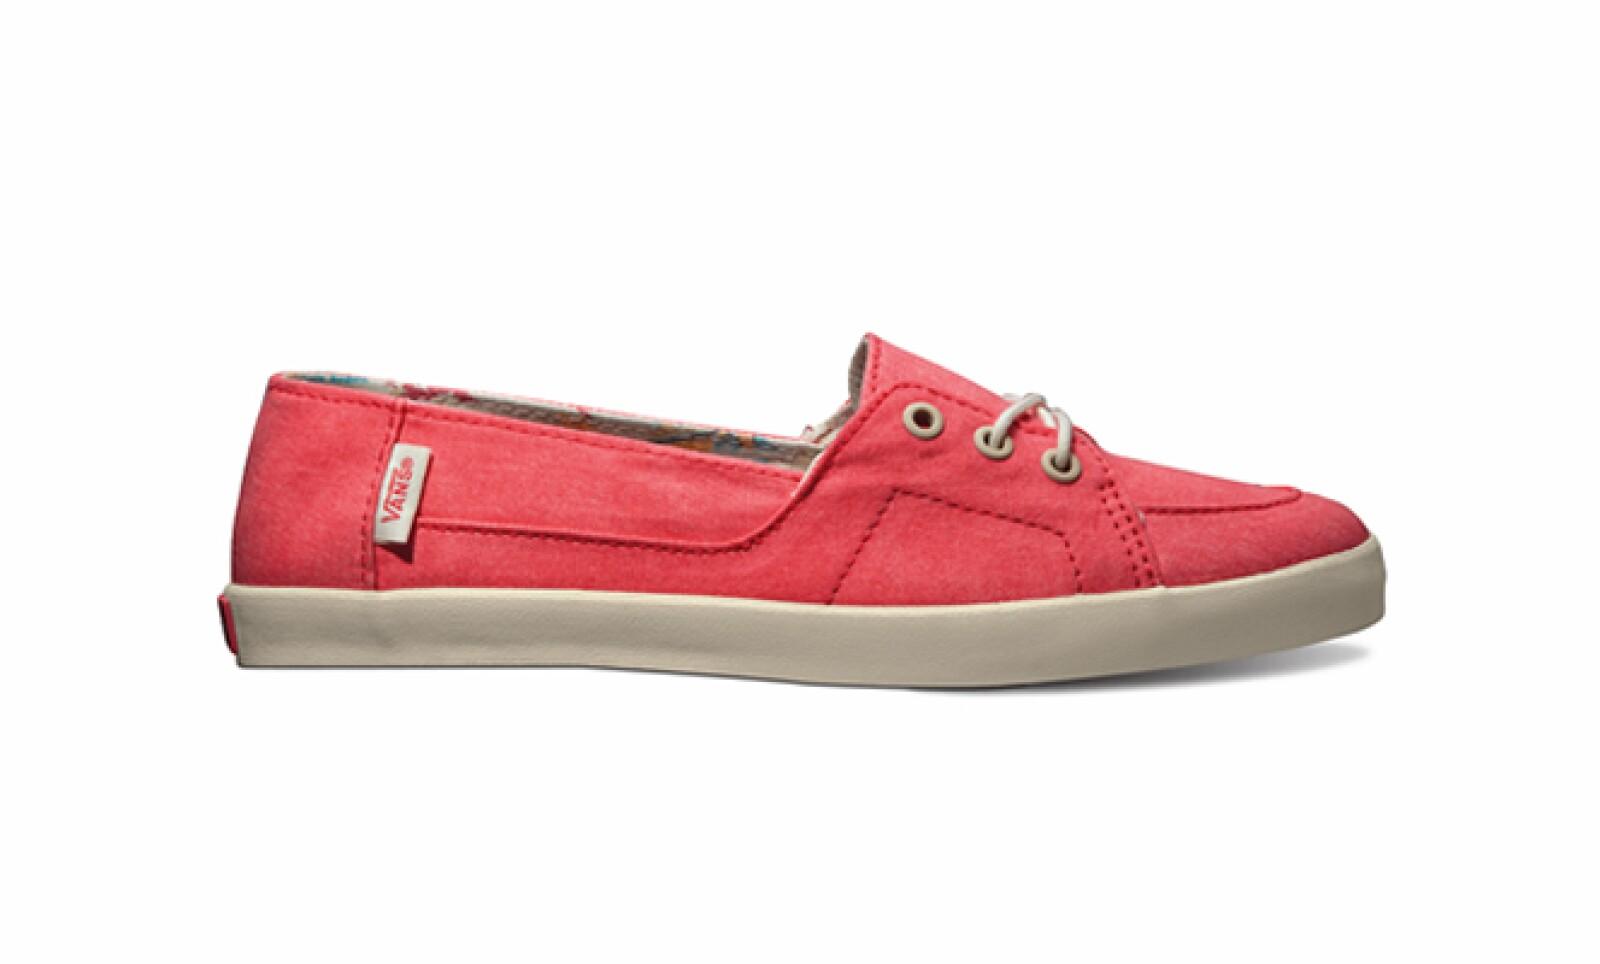 La tecnología Easy Fit permite que el calzado tenga un mejor ajuste al pie.